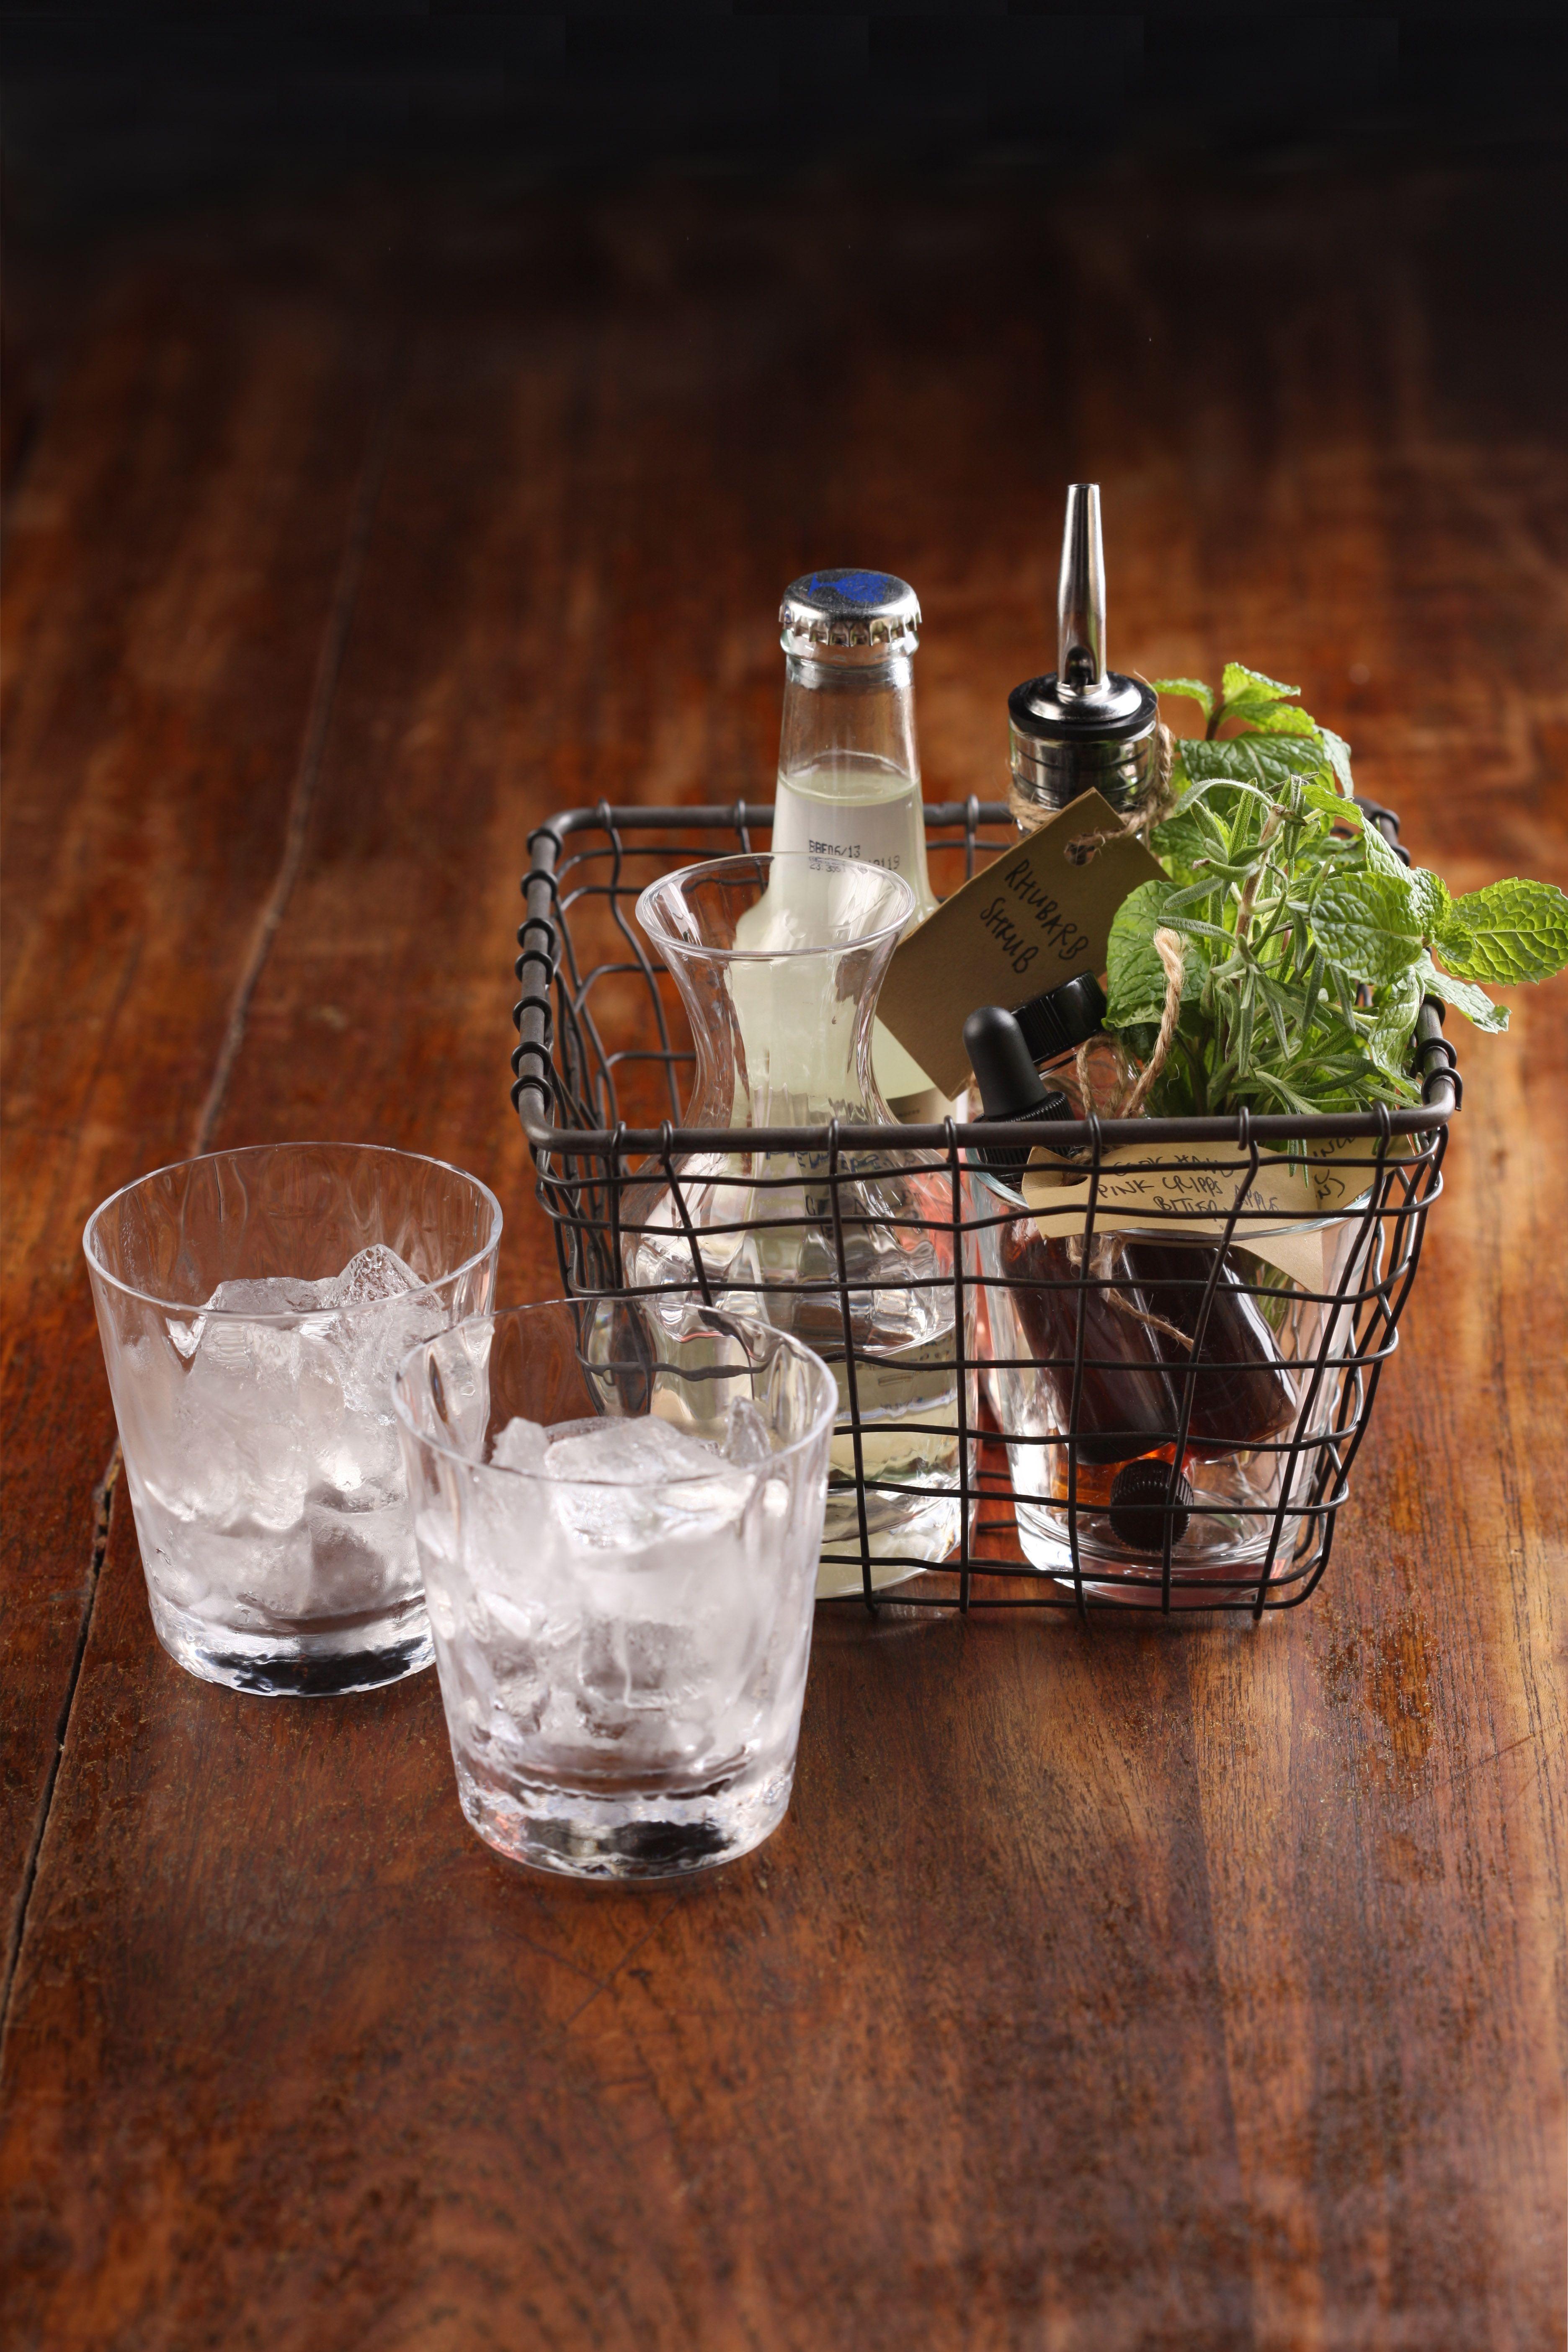 DIY Cocktail Kit Diy food gifts, Diy cocktails, Cocktail